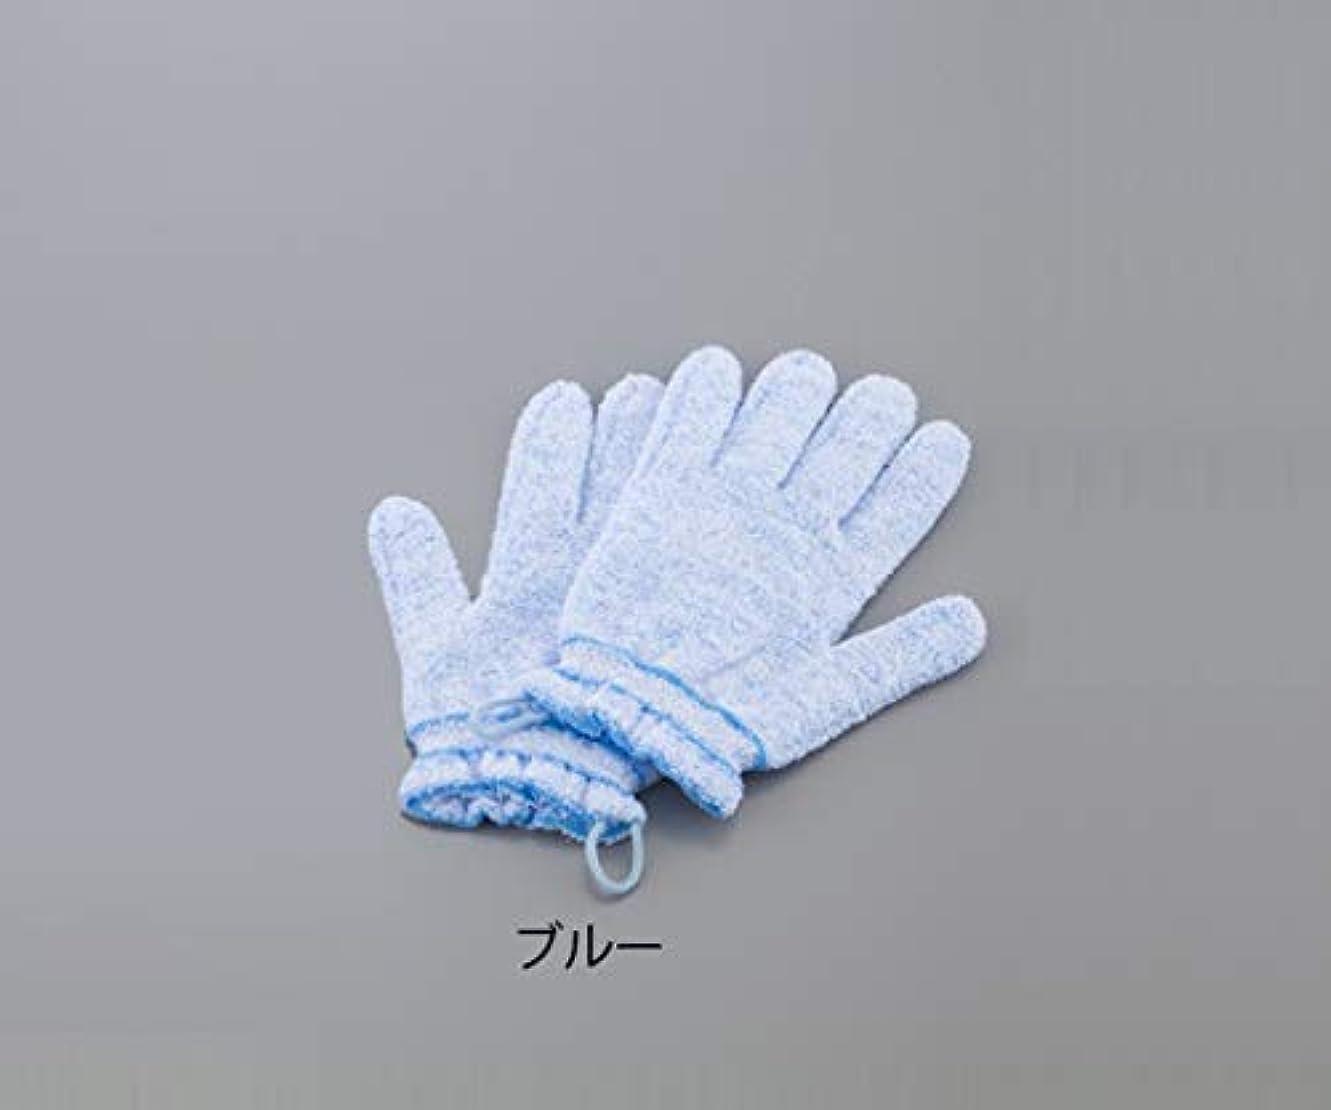 鍔ドラムバー0-4015-02浴用手袋(やさしい手)ブルー